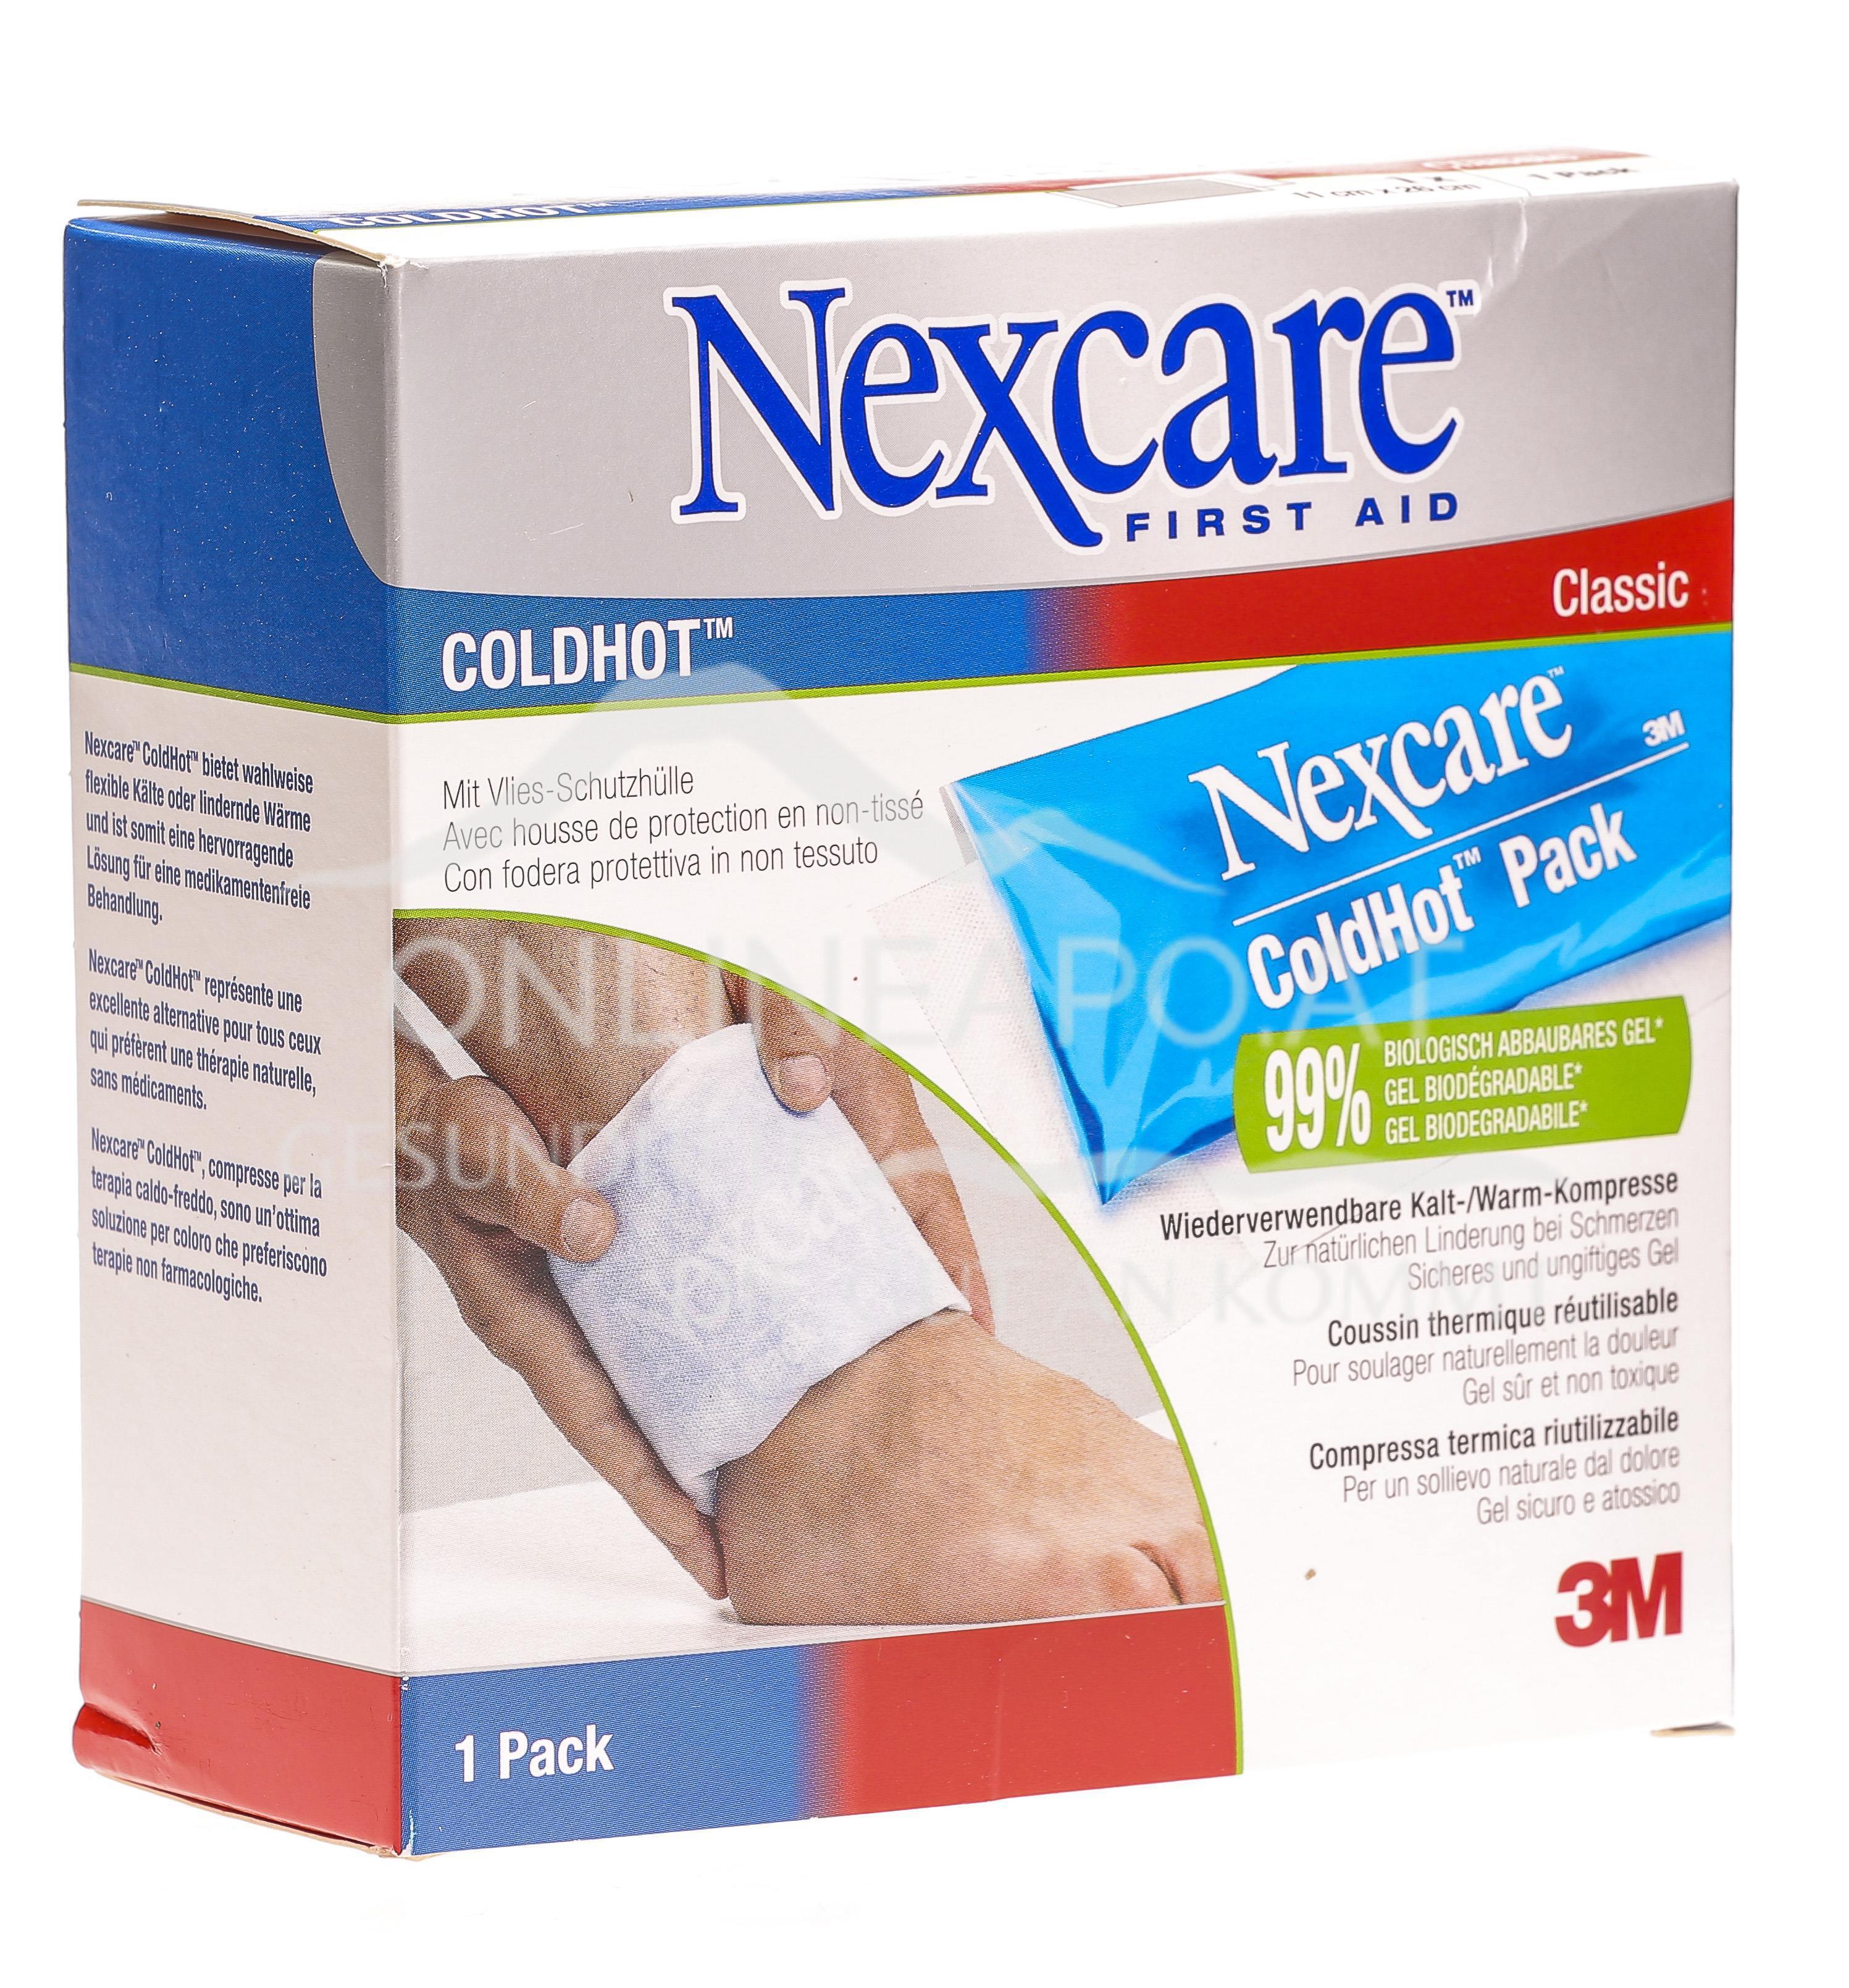 3M Nexcare ColdHot Bio. Gel Classic